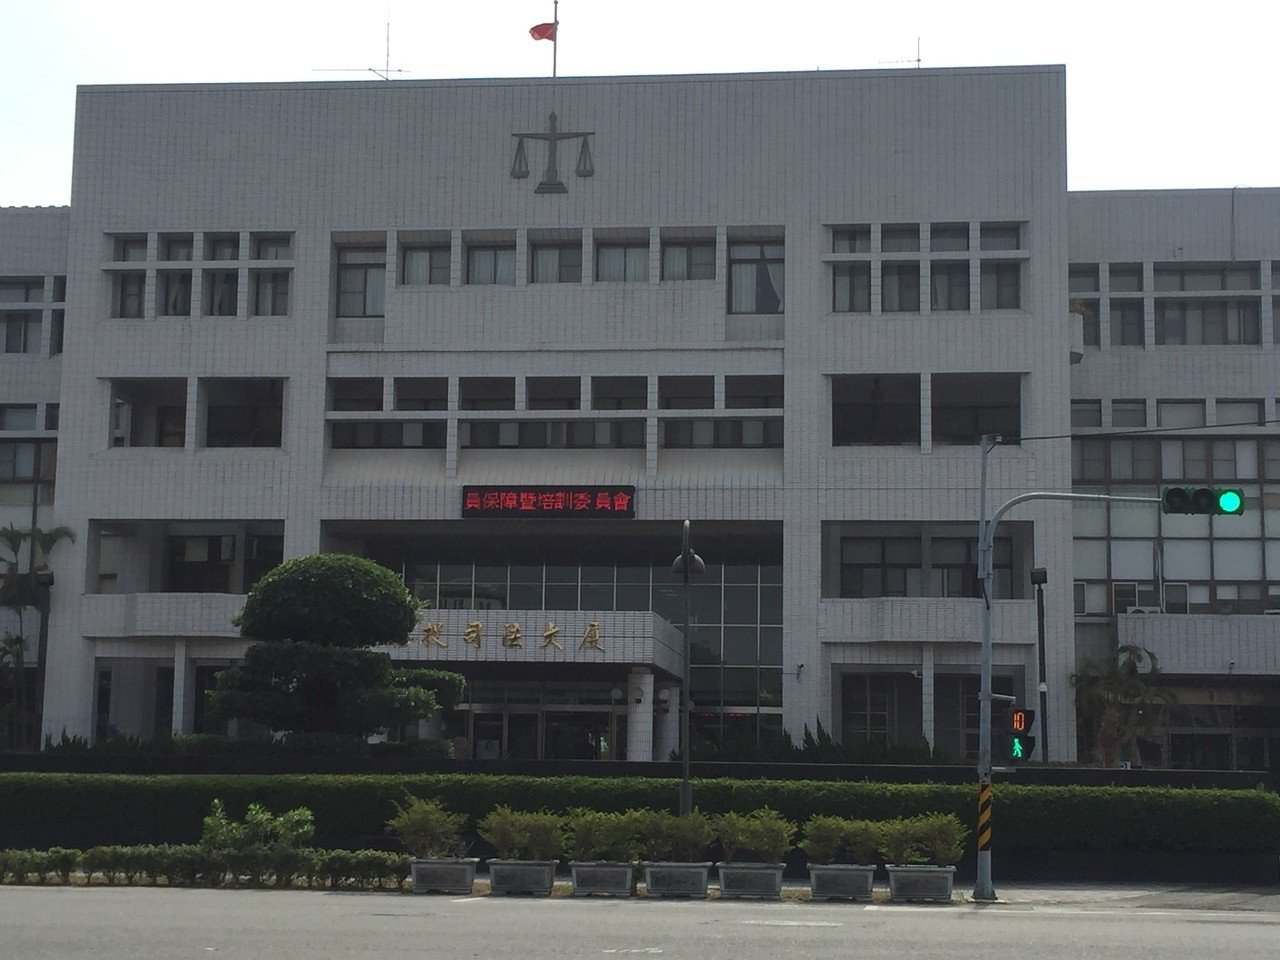 劉姓男子辱罵警察還動口襲警,南投地檢署今天依妨害公務罪嫌起訴。圖/本報資料照片